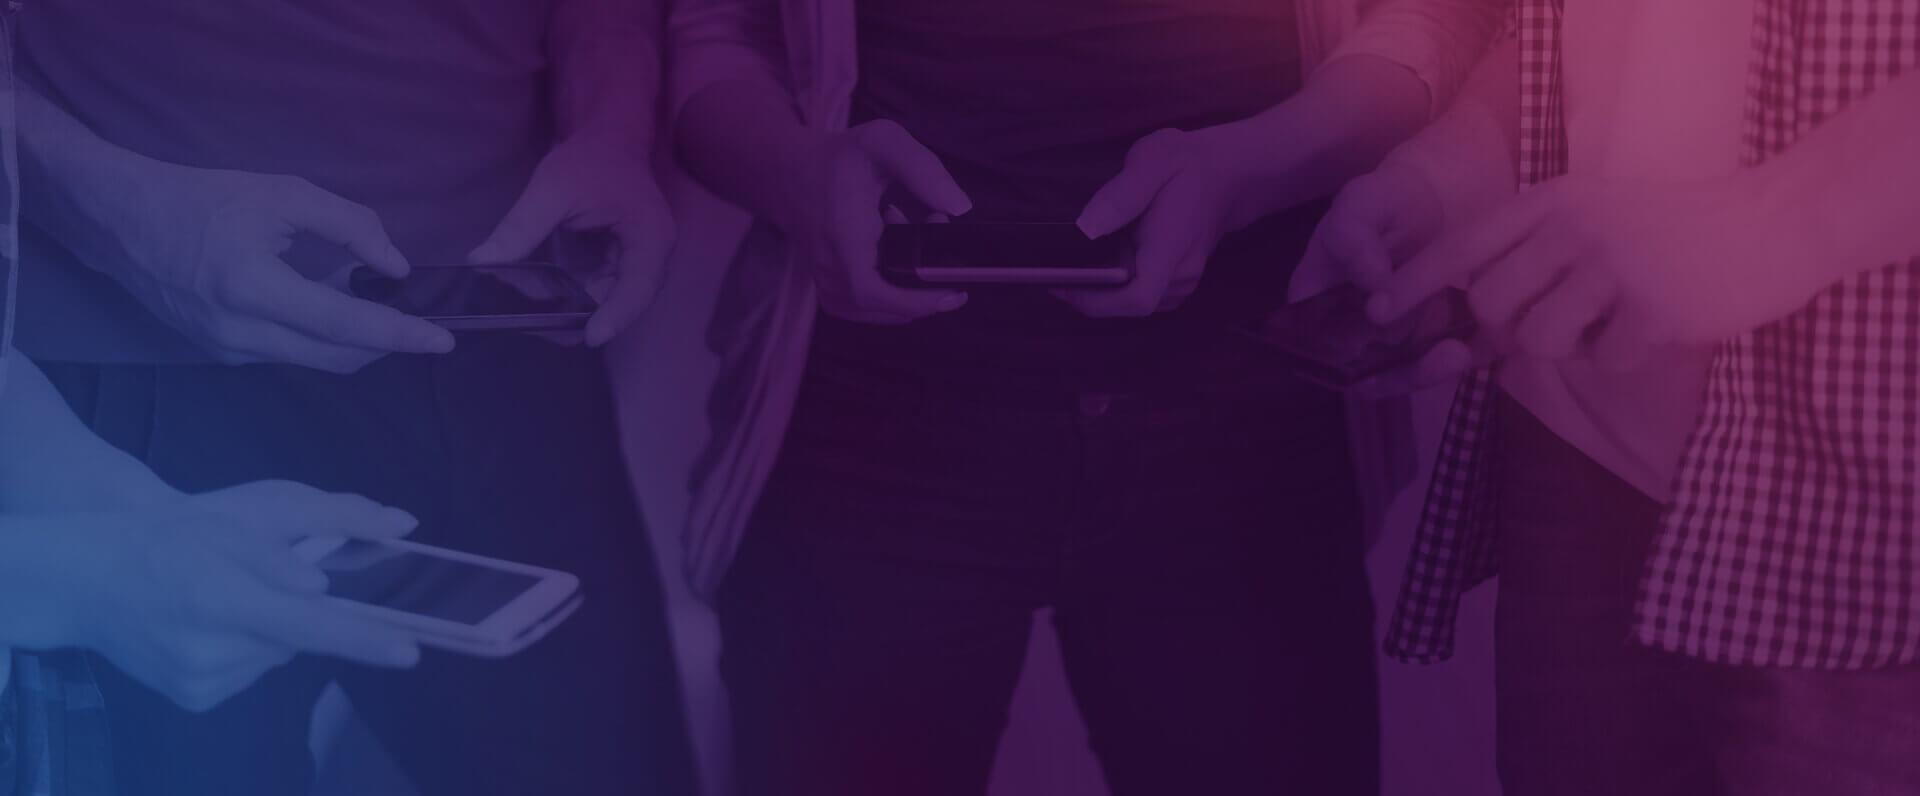 Dataprisma Comunicação Interativa - Site mobile